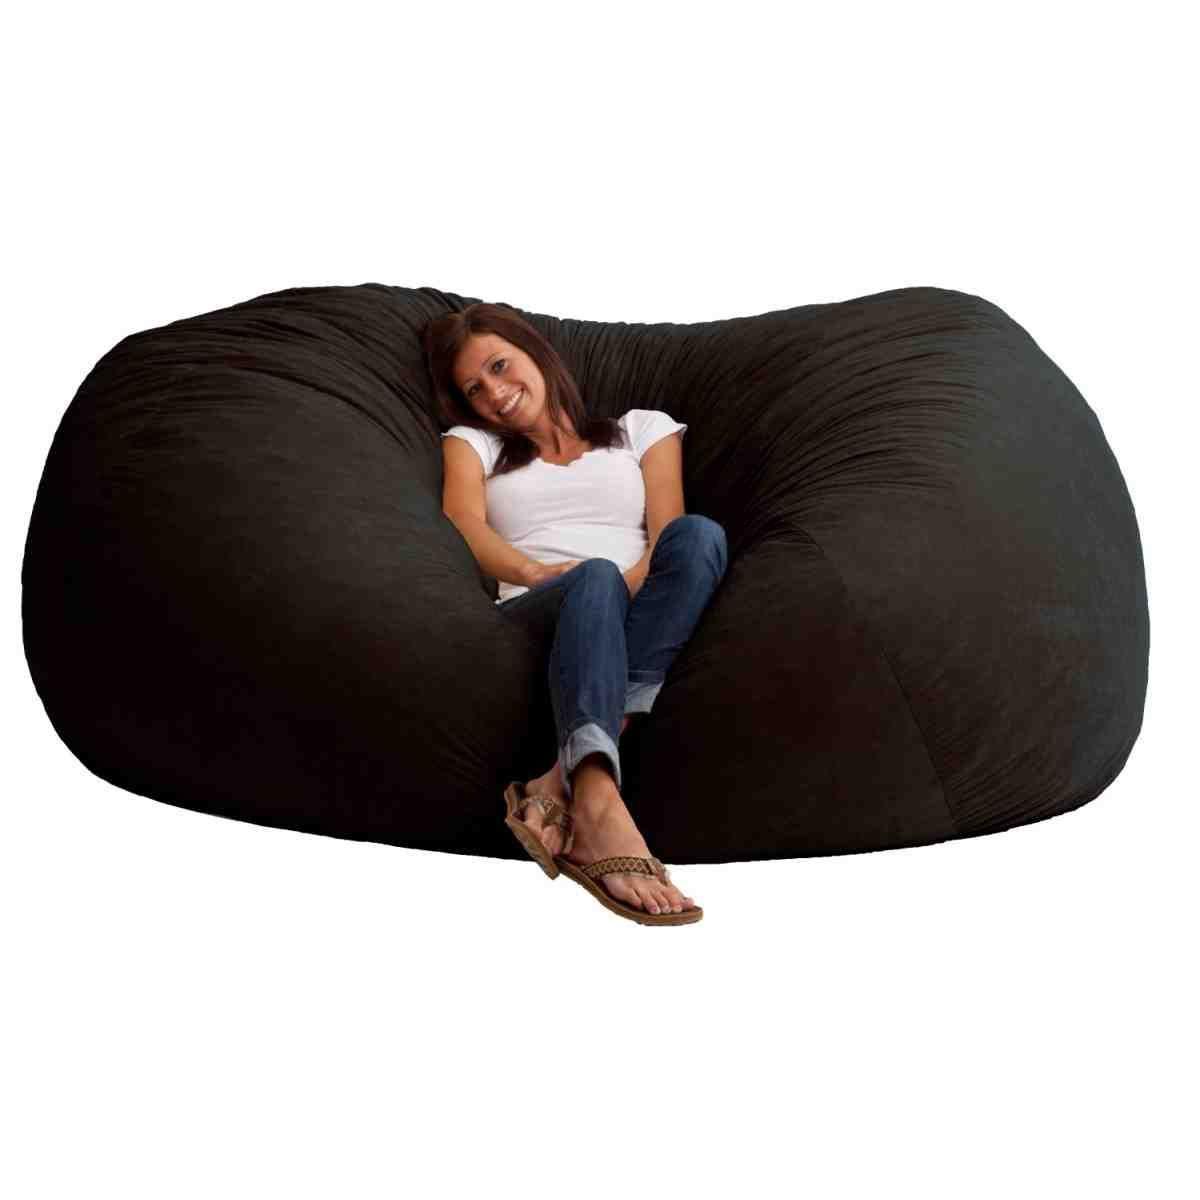 XXL Bean Bag Chair  Bean bag chair, Bean bag sofa, Bean bag chair